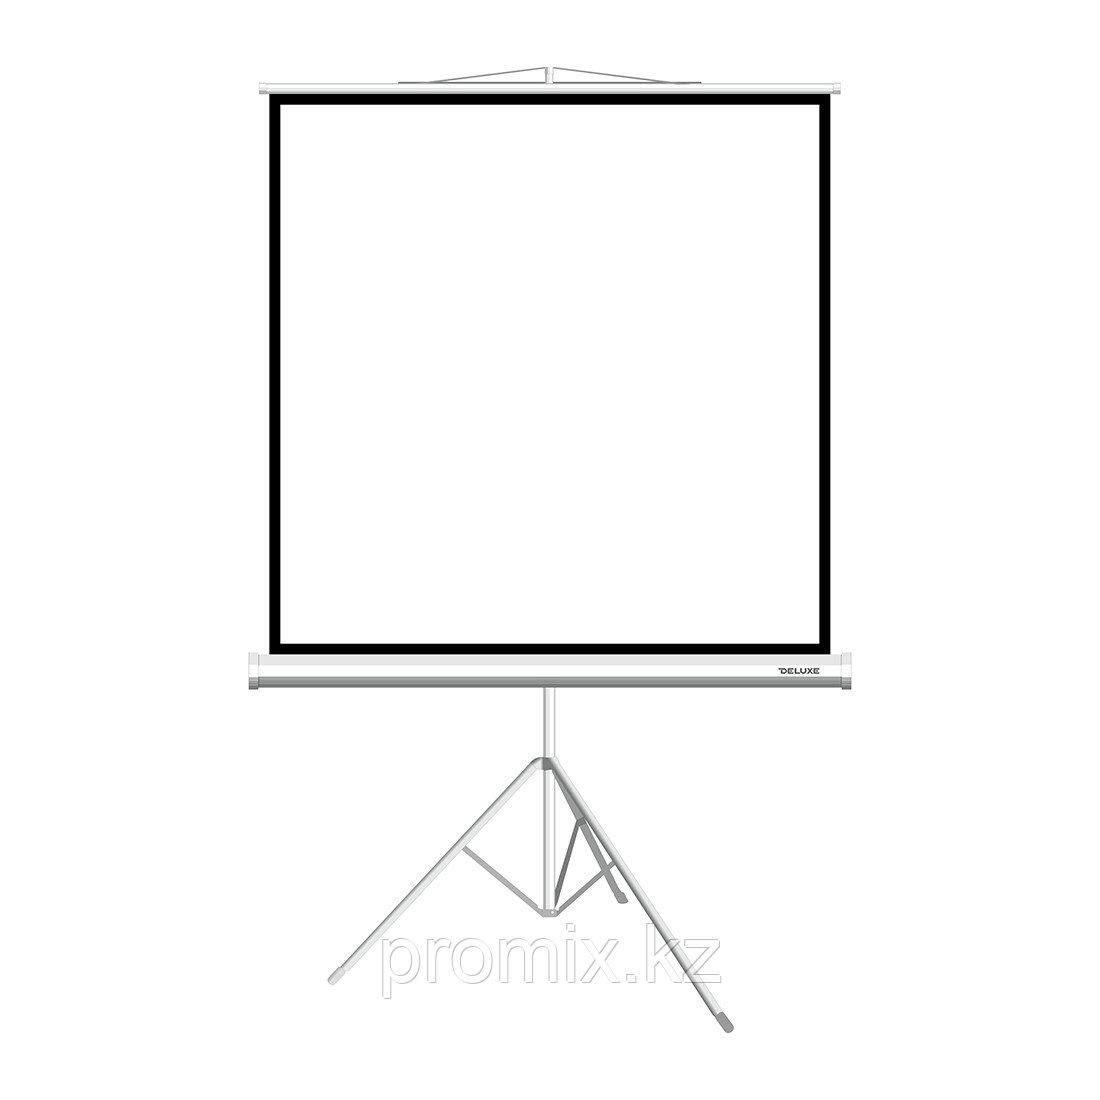 """Экран на треноге Deluxe DLS-T203xW (80""""х80""""), Ø - 113"""", Раб. поверхность 195х195 см., 1:1"""